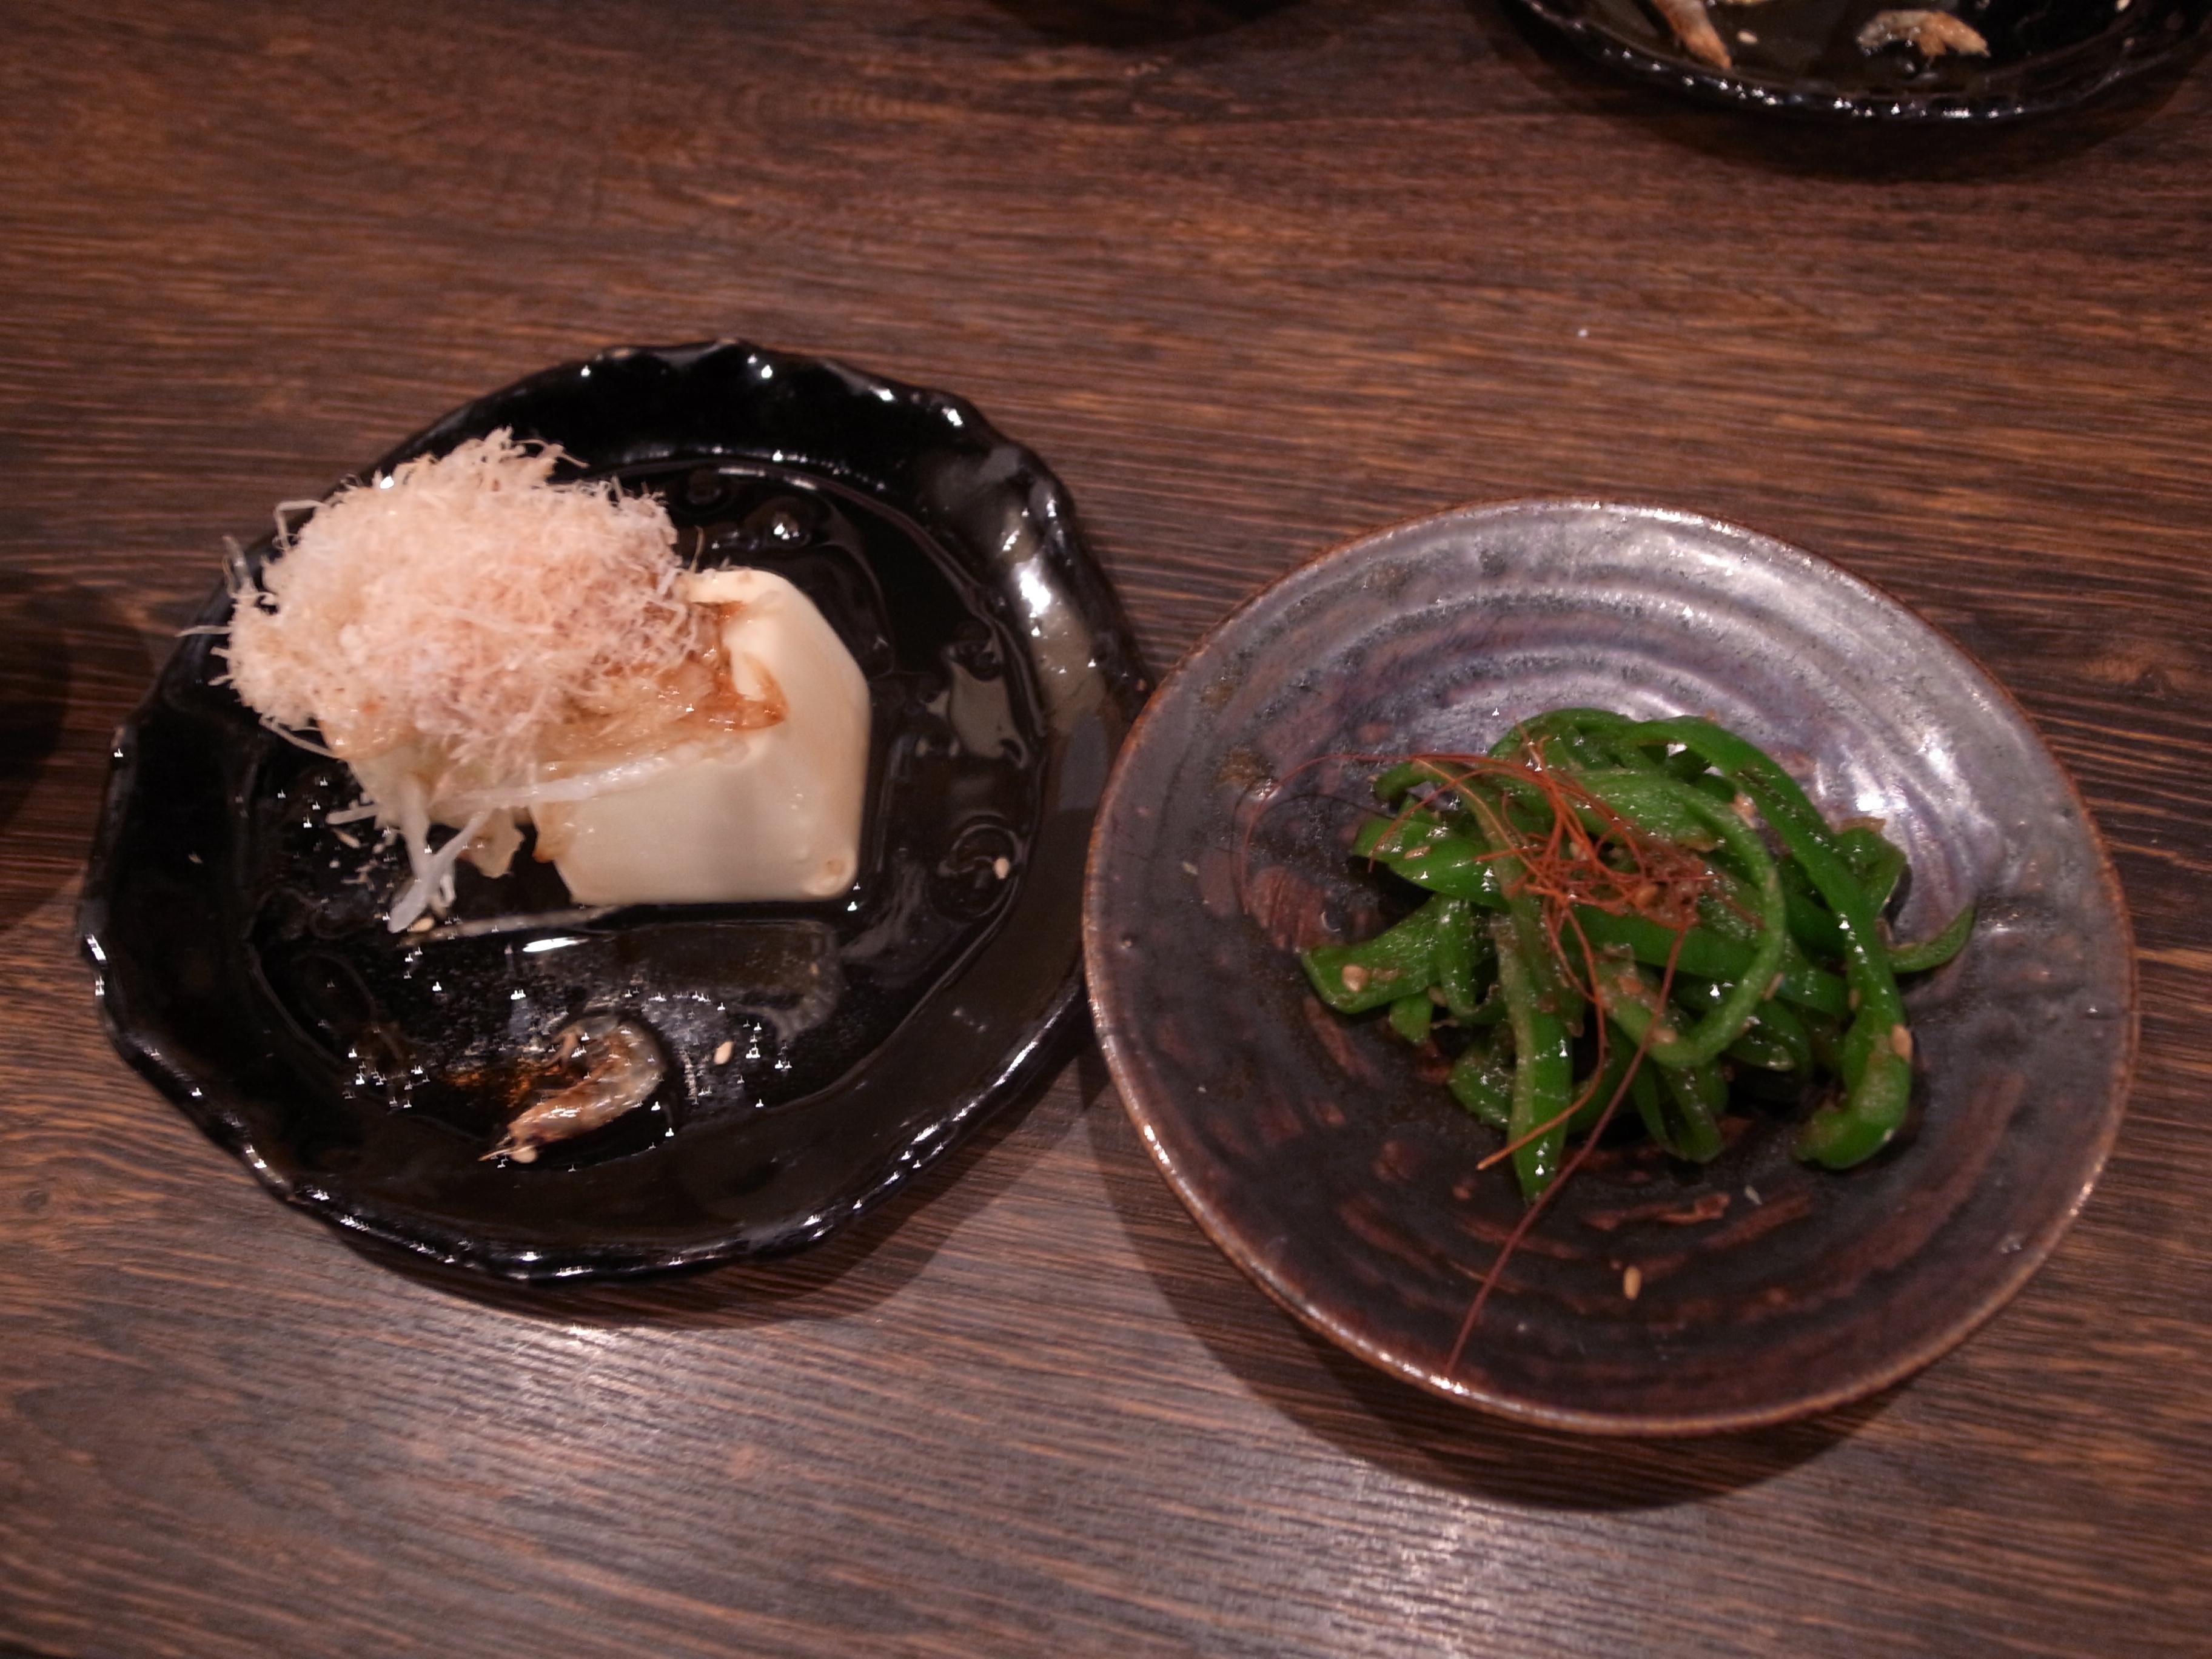 山手線沿いの日本酒がおいしい居酒屋:五反田「酒場それがし」 (4)